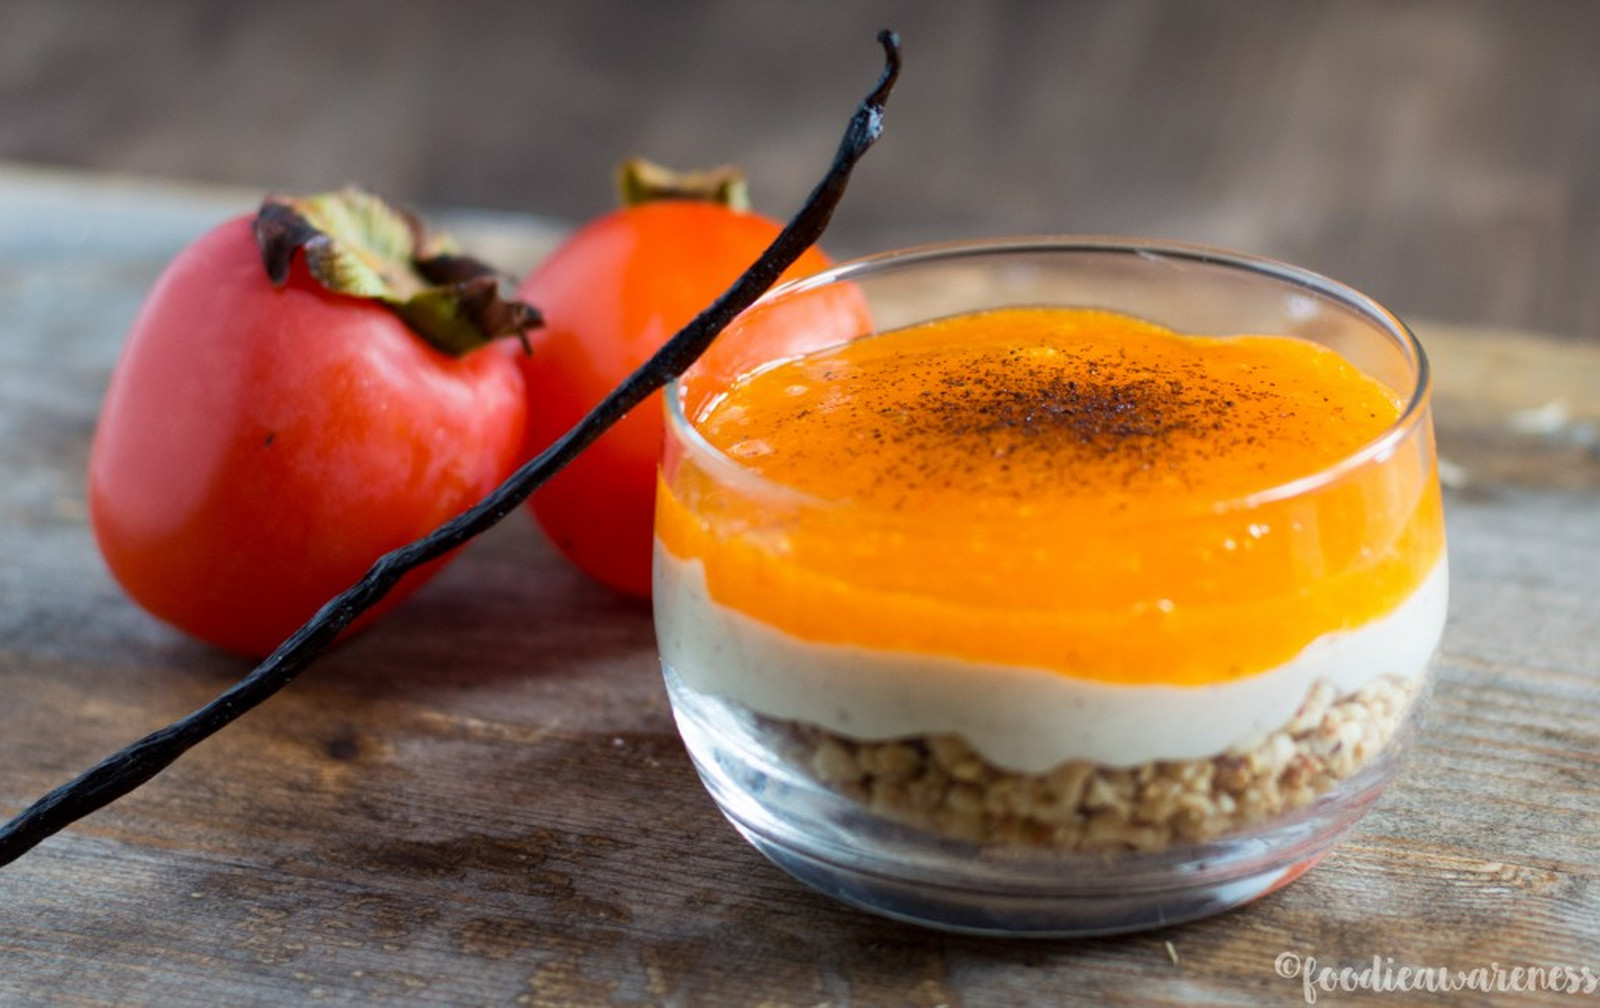 Persimmon Parfait With Hazelnut Crunch